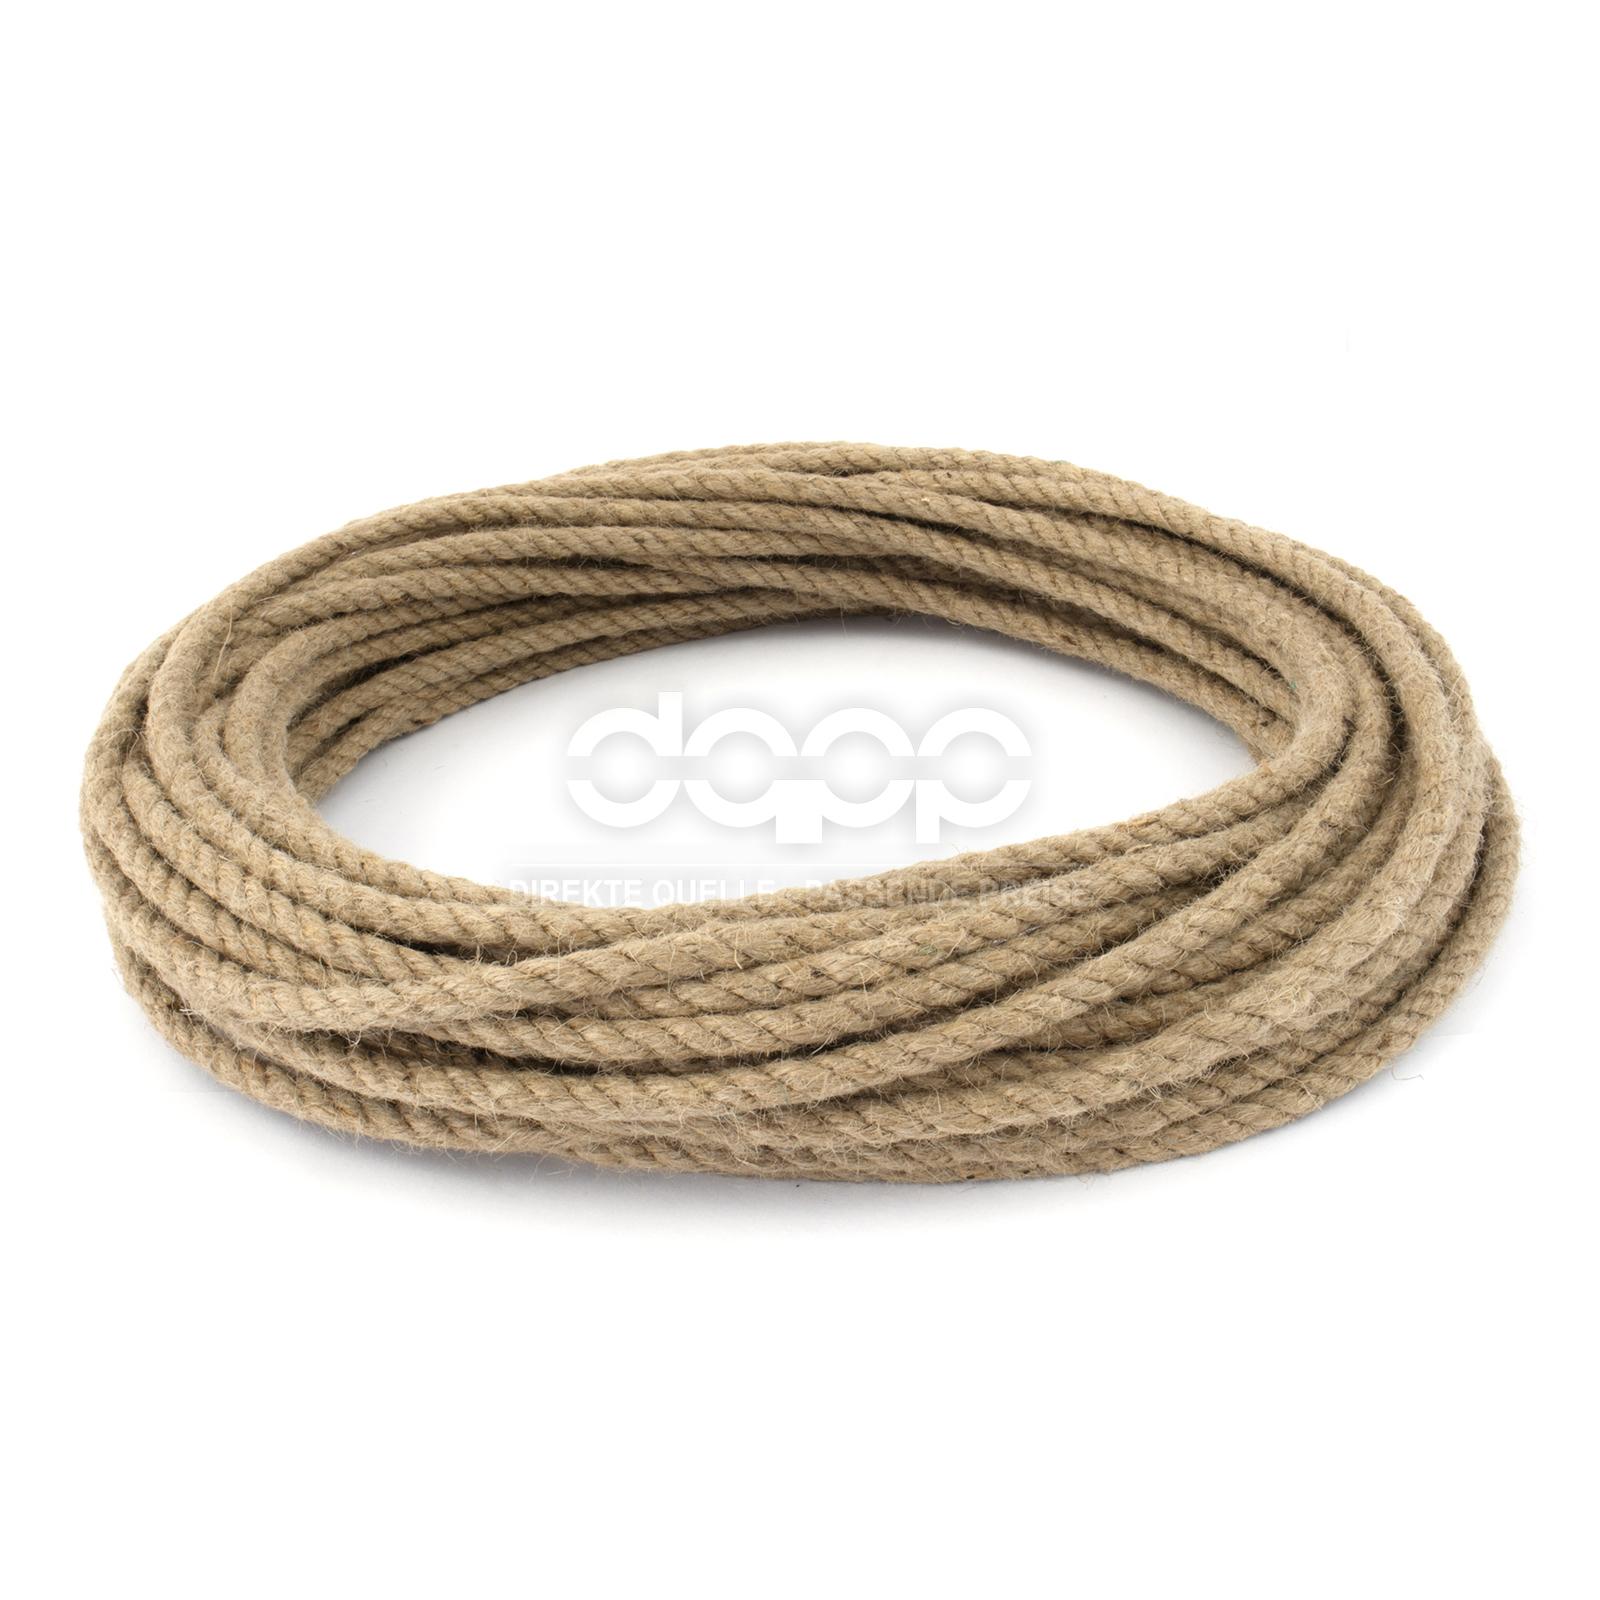 16mm 1-50m CHANVRE fibre naturelle 3 torons cordage impregne CORDE EN JUTE